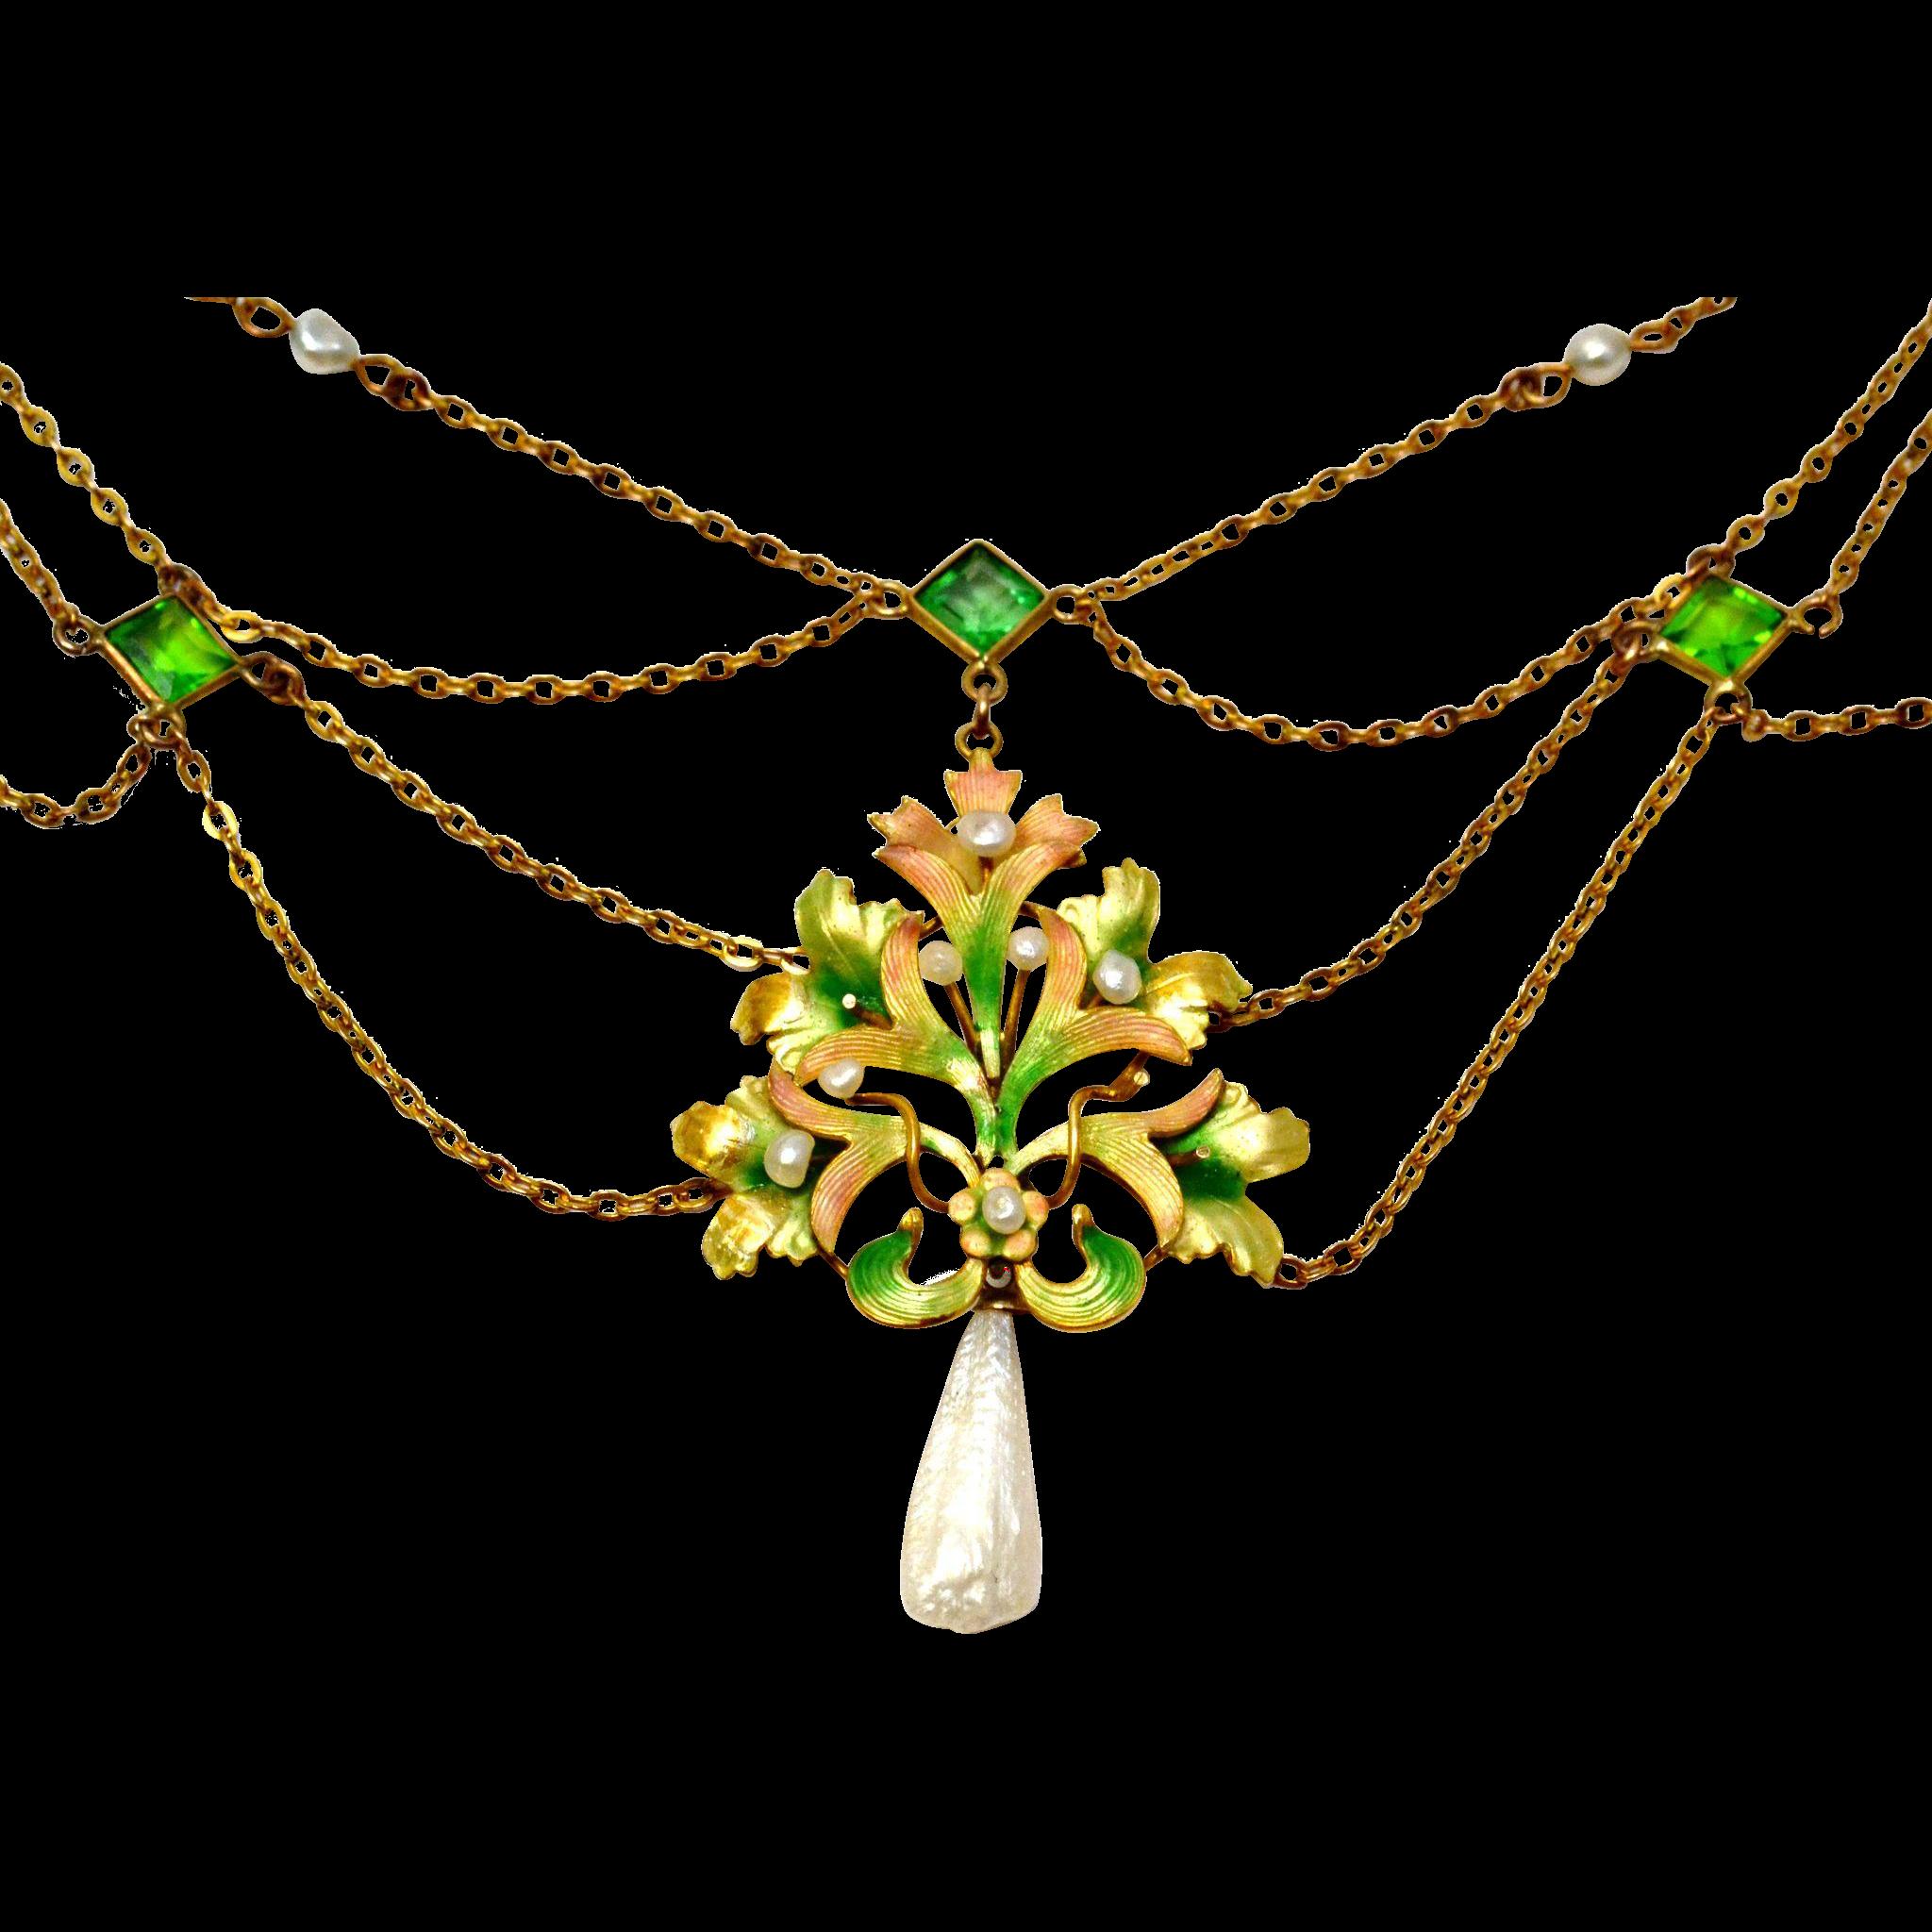 Antique Art Nouveau 10k gold iridescent enamel pearl green paste festoon necklace